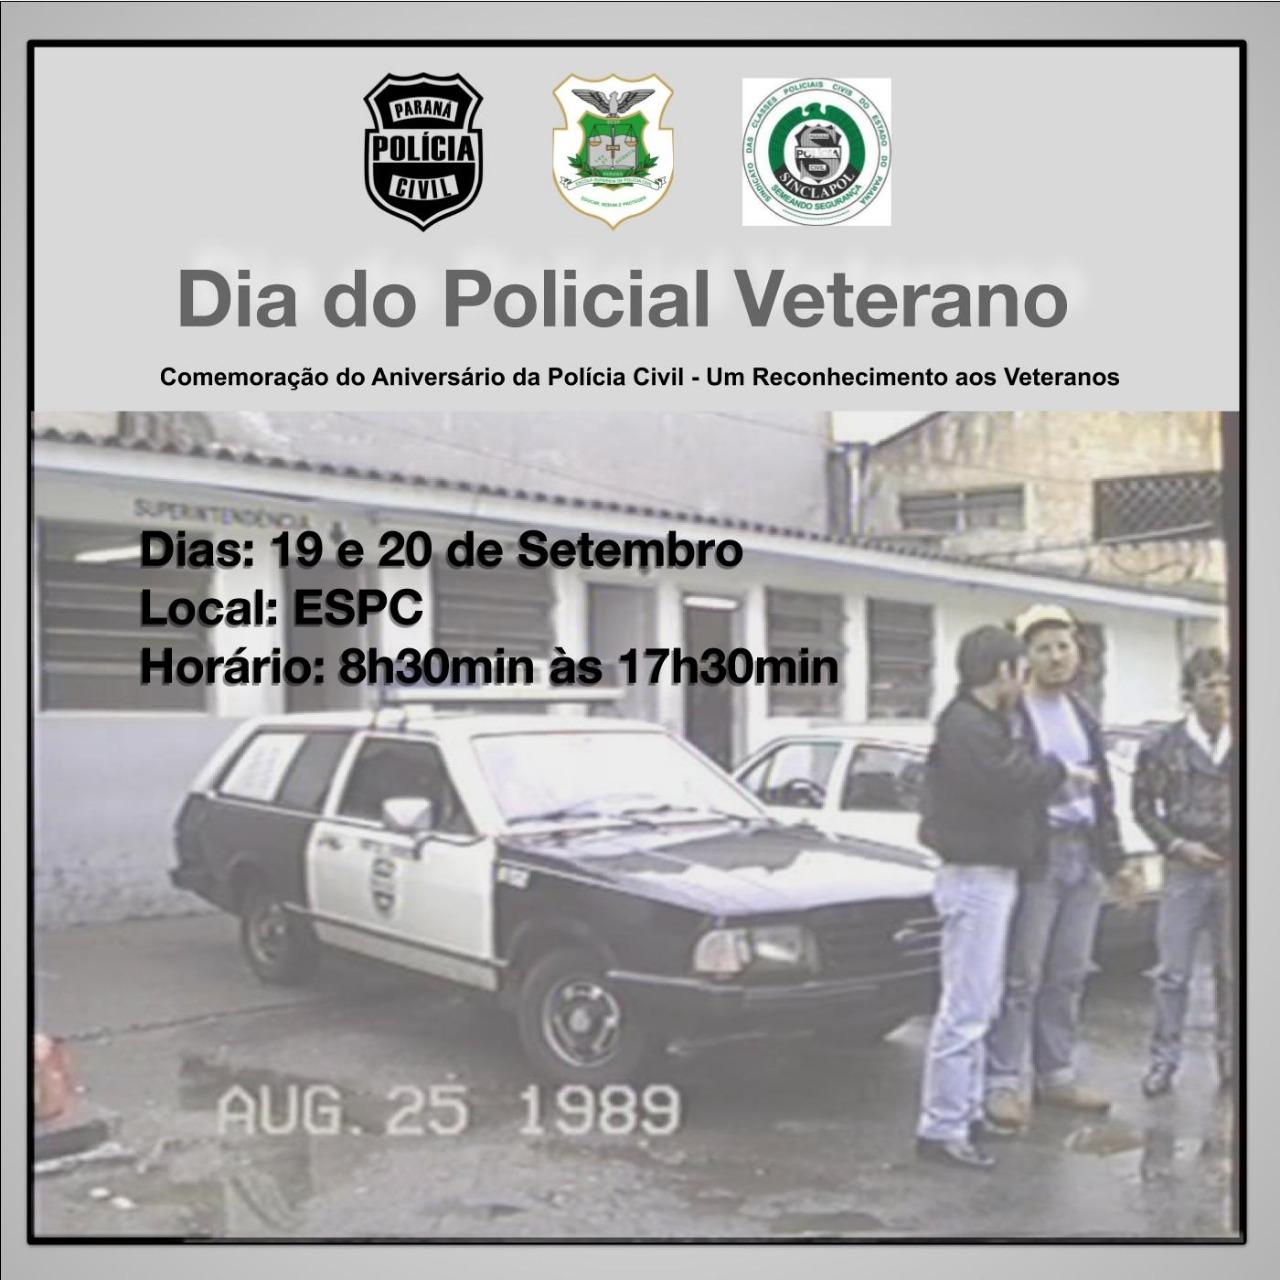 Dia do Policial Veterano – Alteração de data